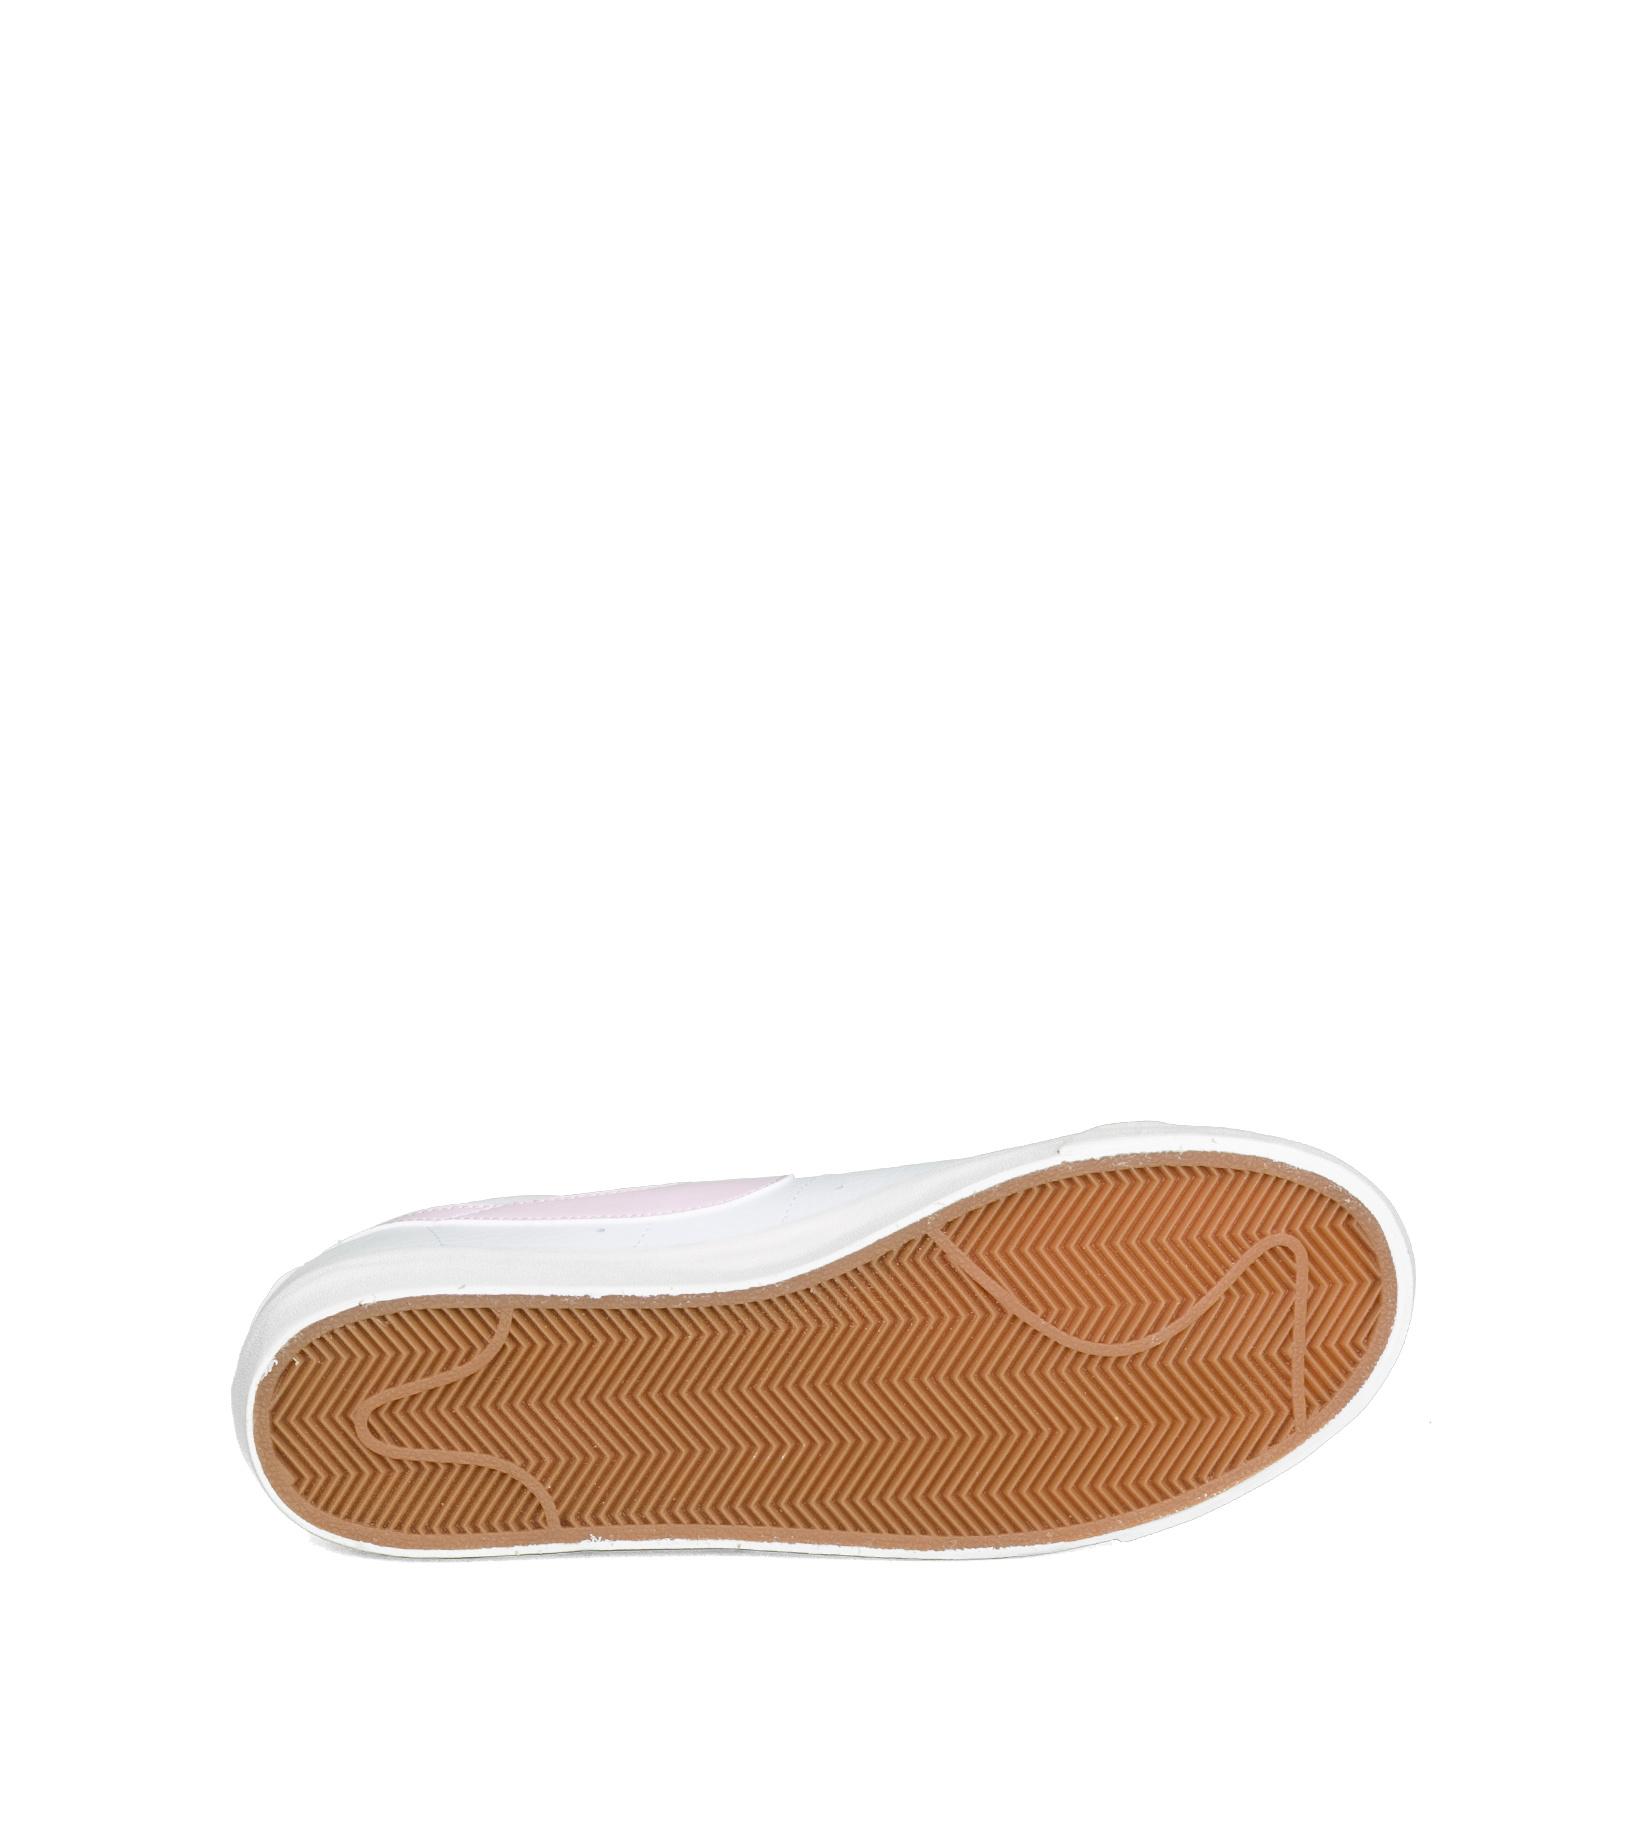 """Blazer Low Leather """"White/Pink Foam""""-5"""